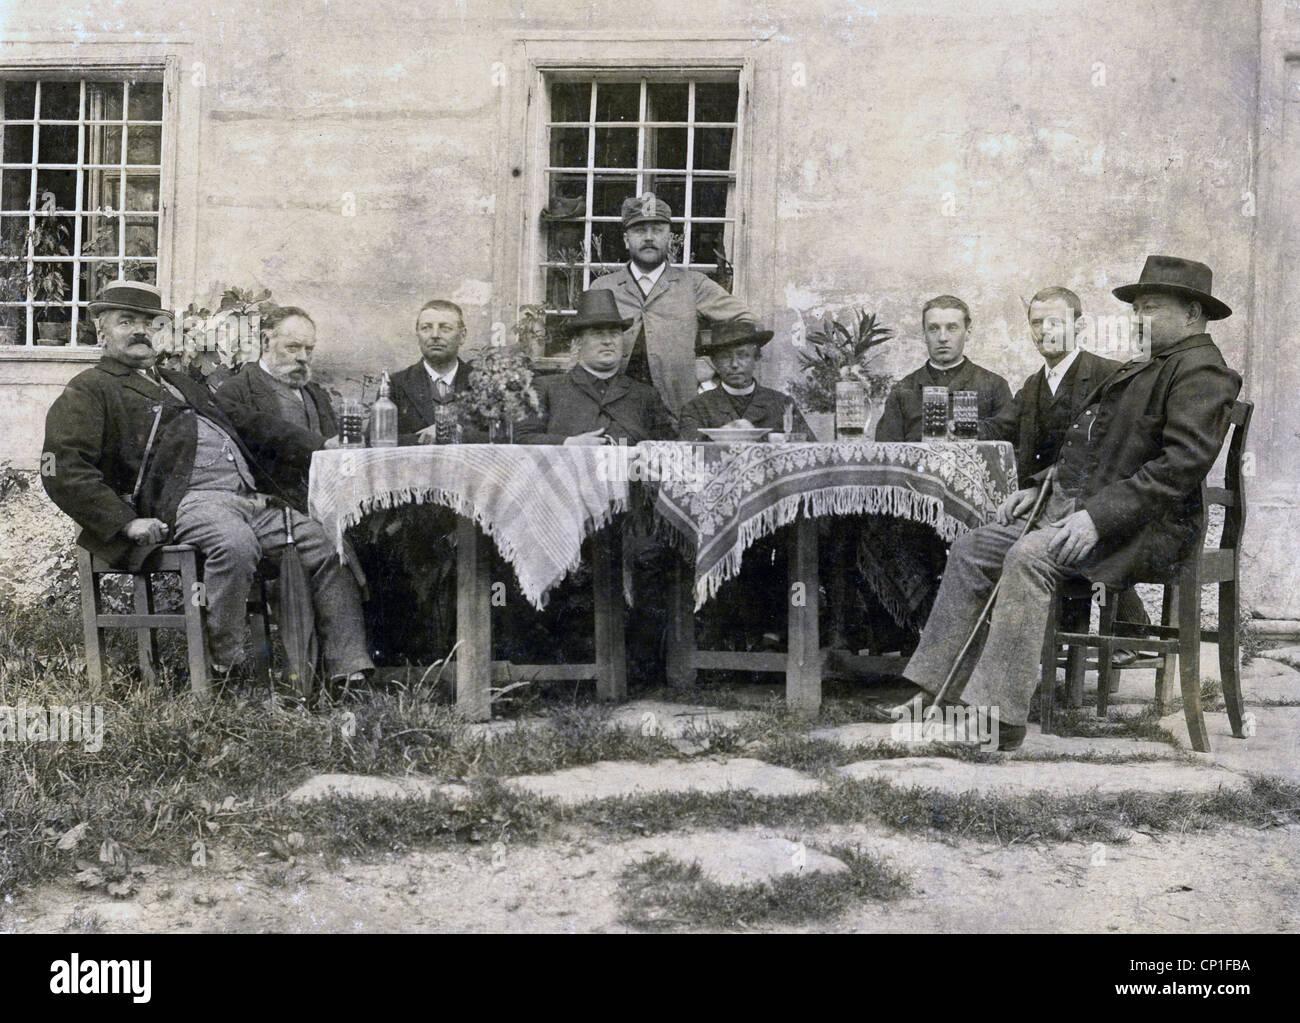 Menschen Manner Gruppe Ein Bild Aus Dem Spaten 19 Jahrhundert Carte De Visite Deutschland Additional Rights